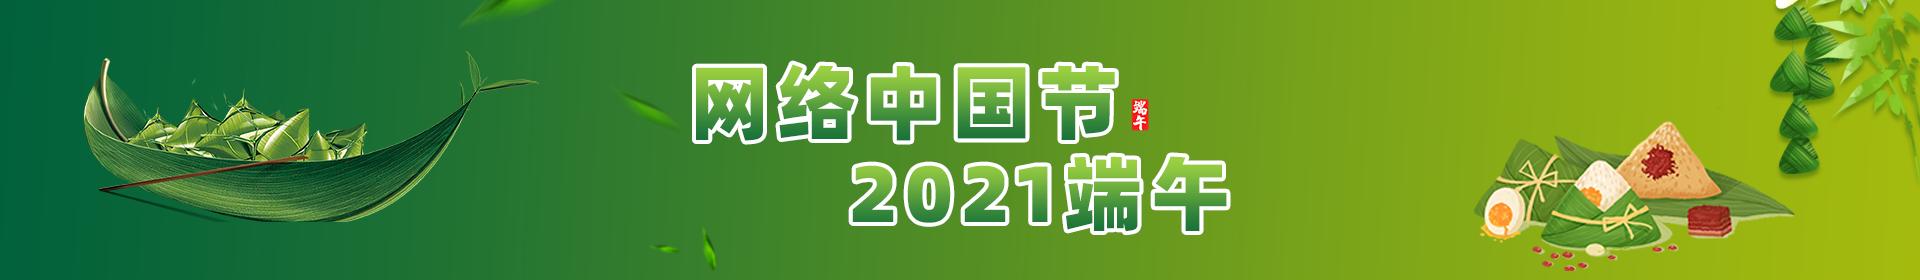 网络中国节·2021端午